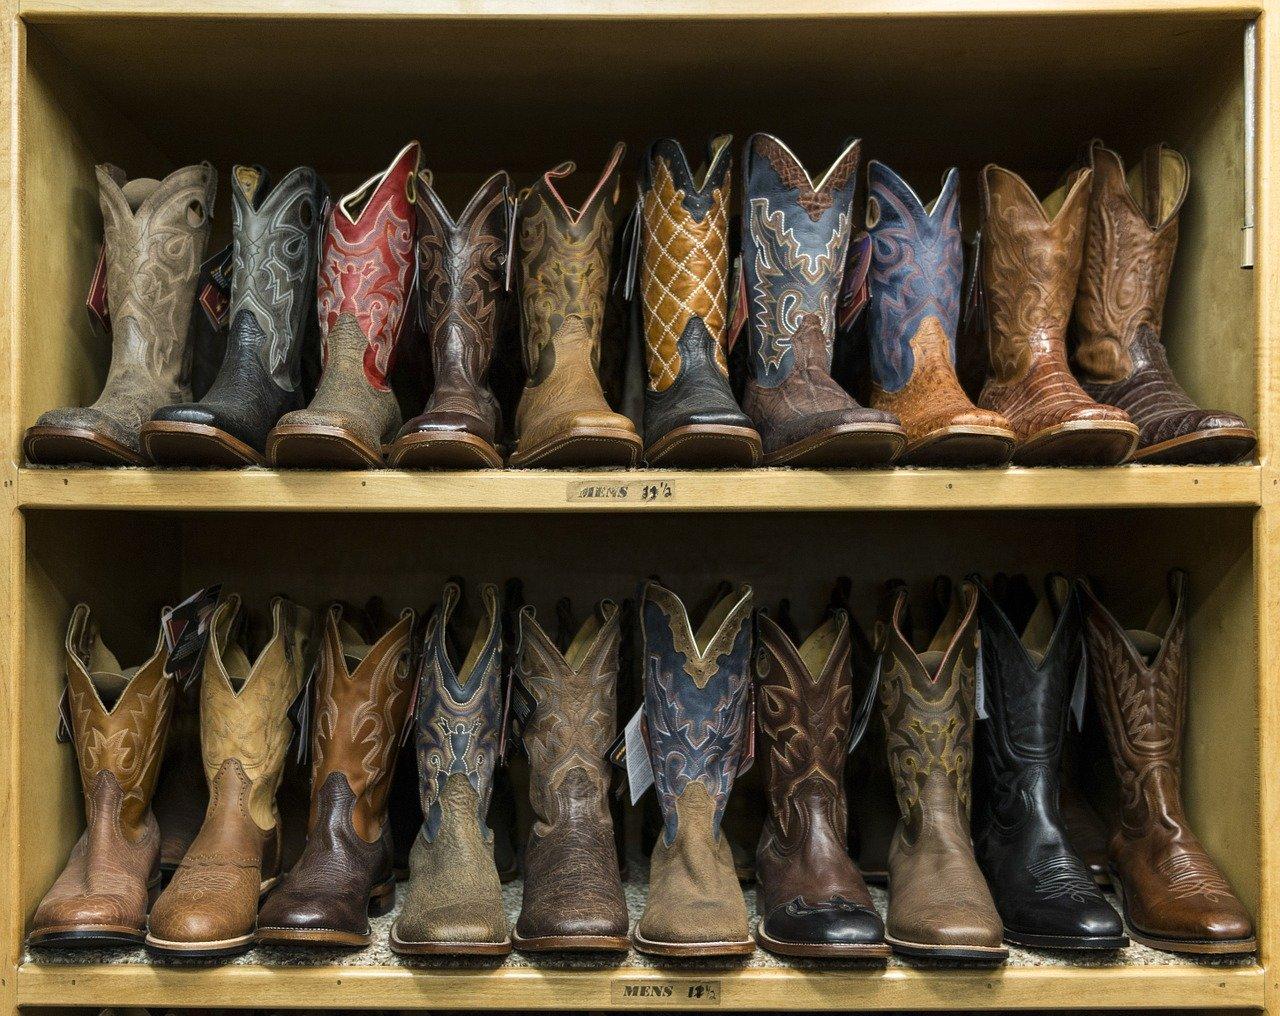 Achte bei der Auswahl unbedingt auf die richtige Höhe deines Schuhschranks, um zu verhindern das am Ende Deine Schuhe nicht hinein passen.